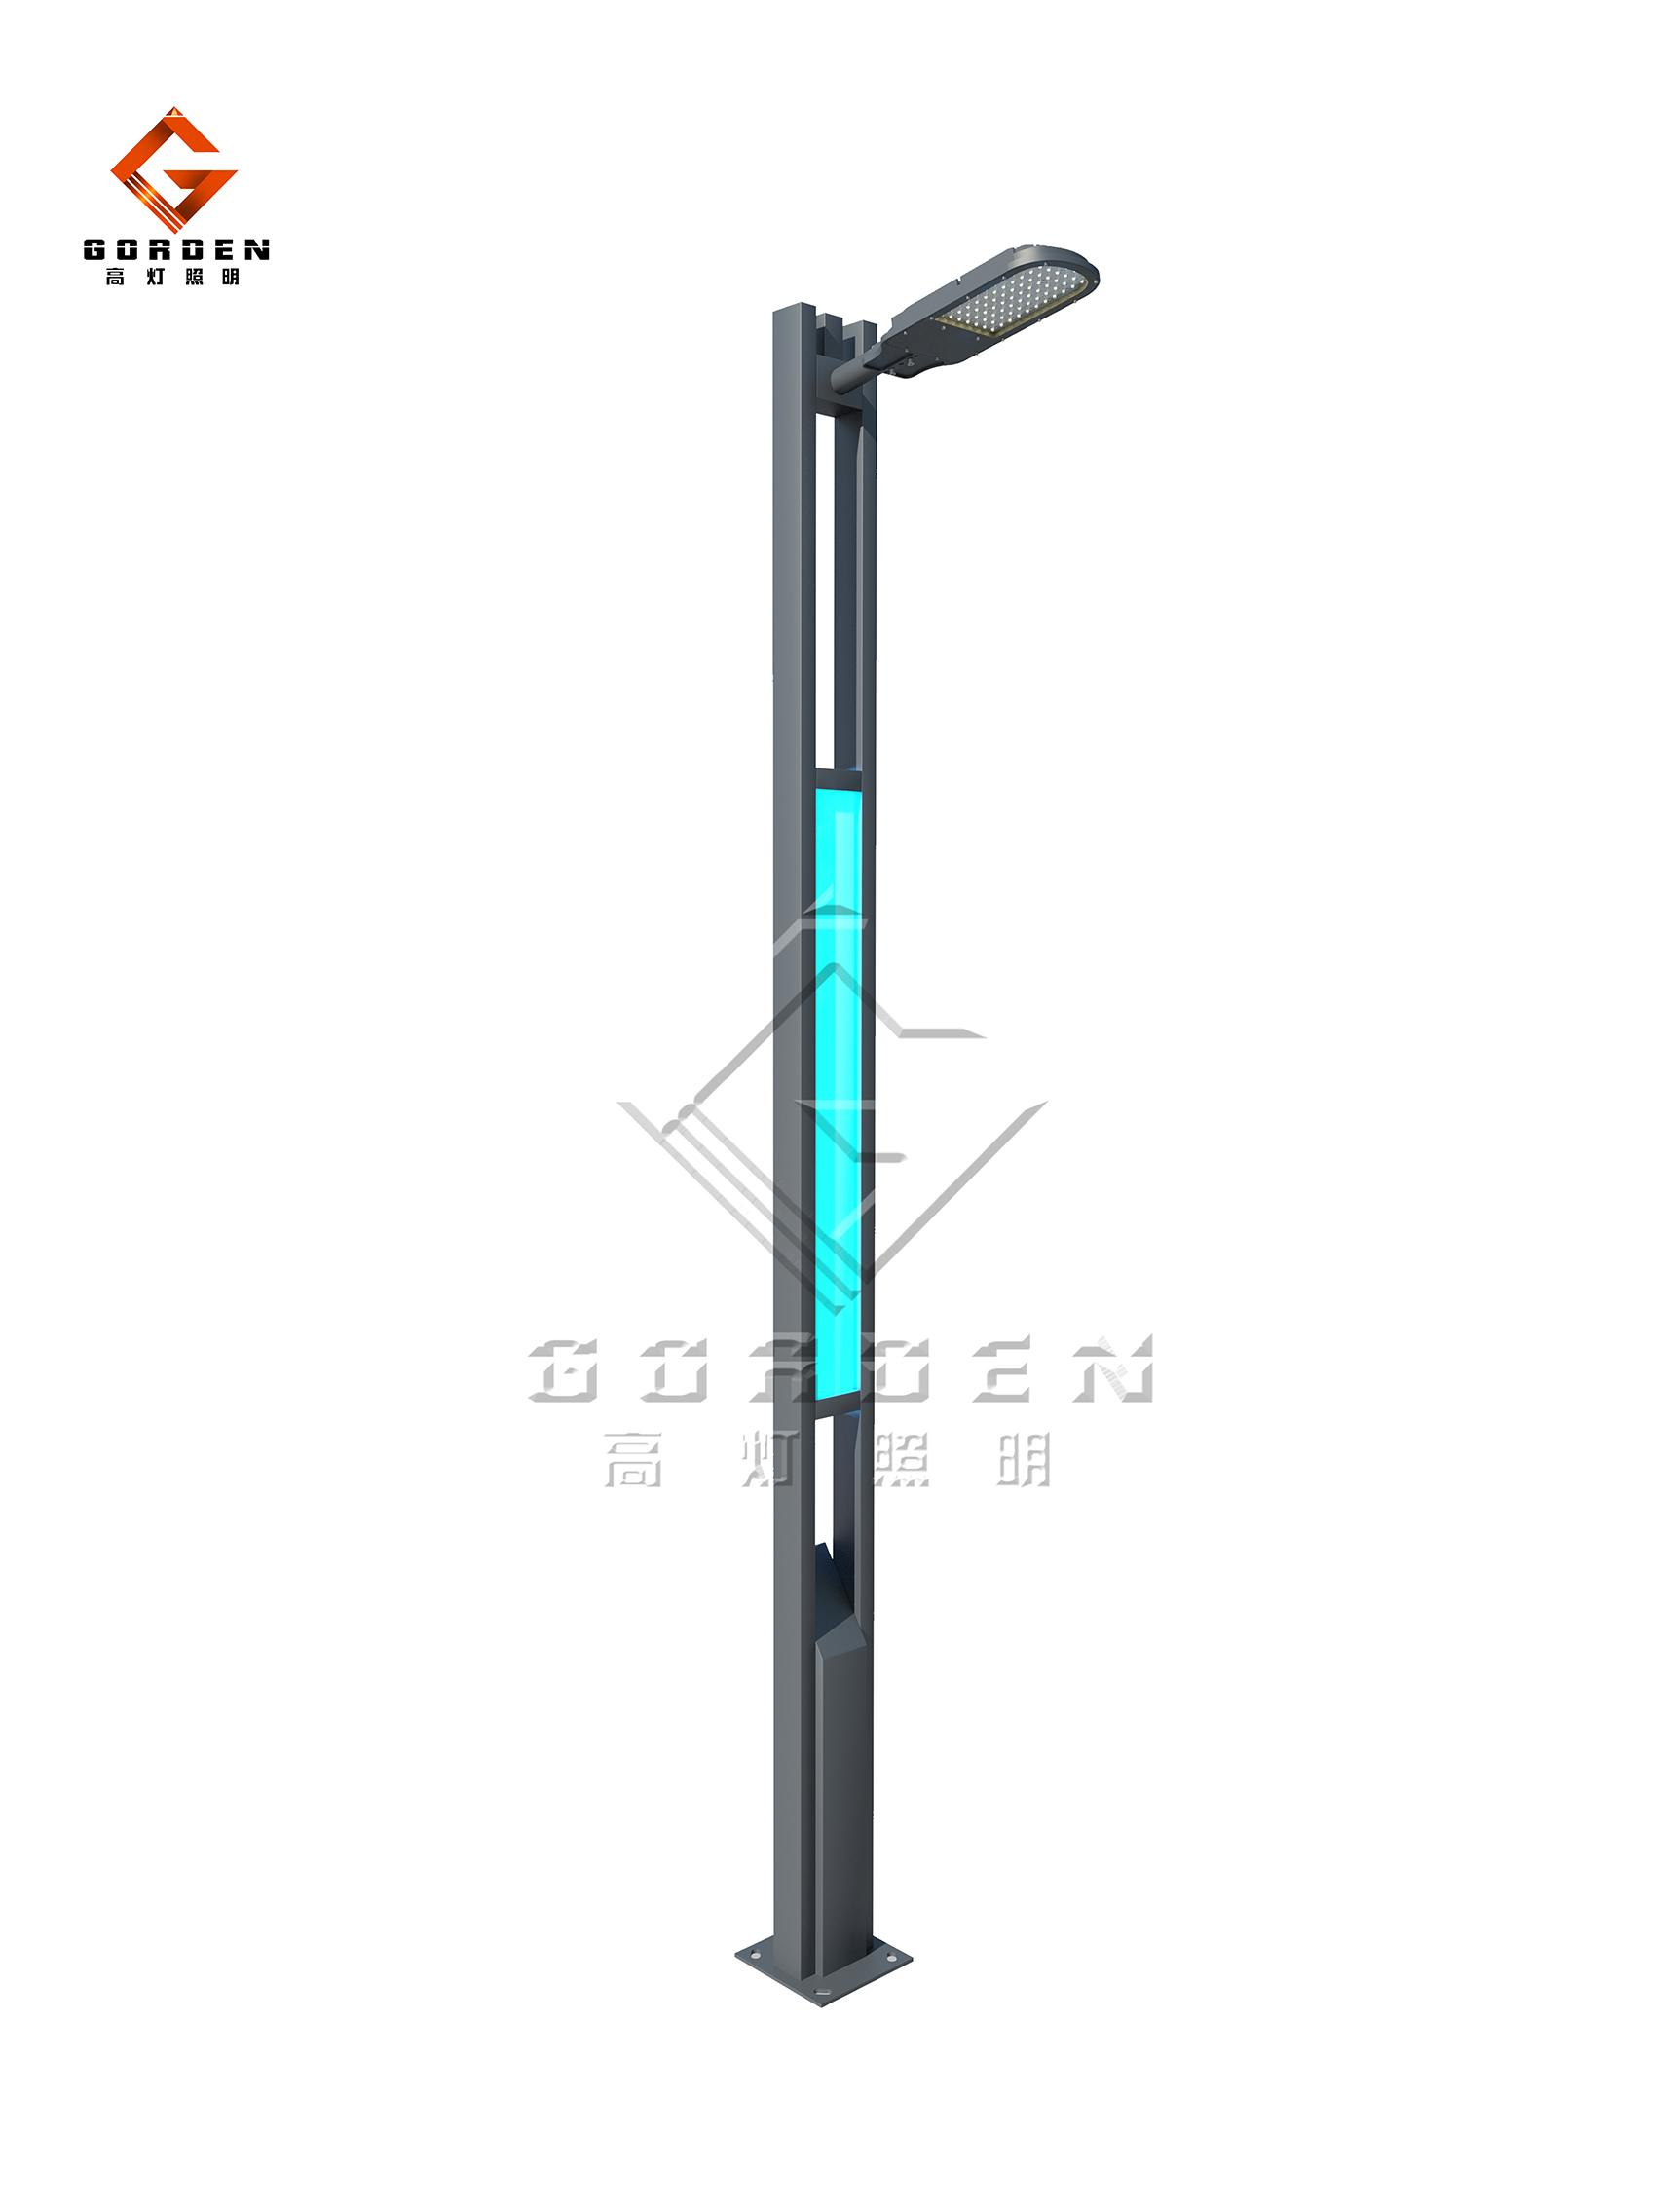 江苏GD-X011 LED现代路灯